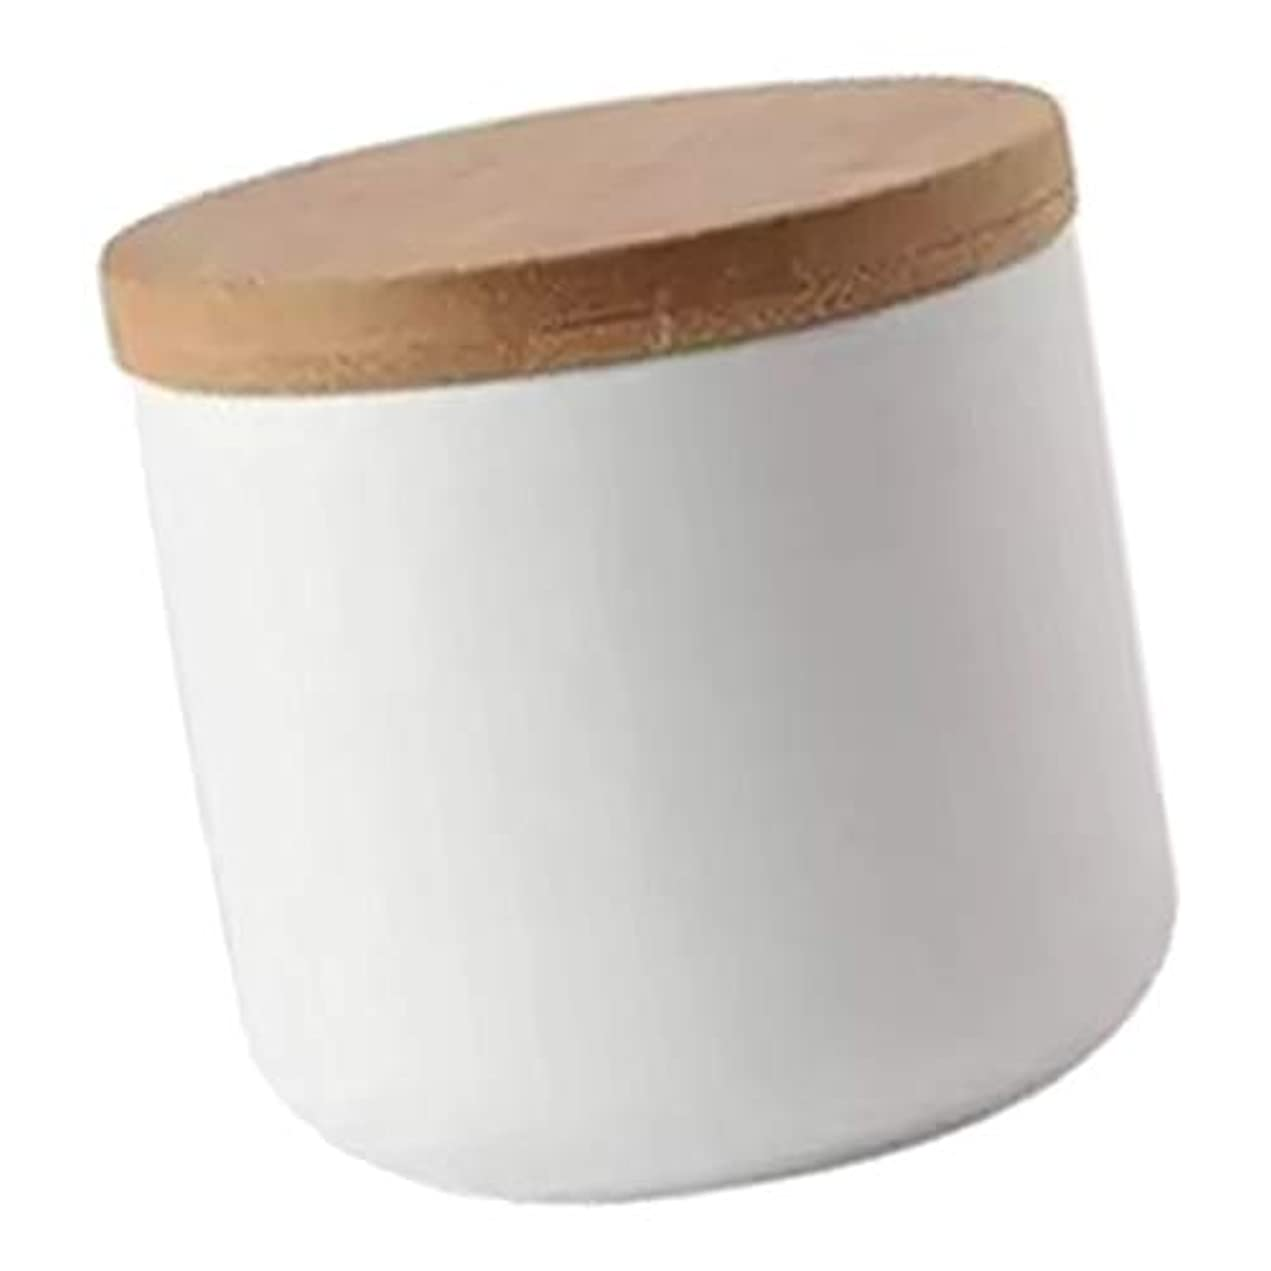 哀れな連続した露Toygogo アクリル ネイル用ツール ネイルリキッド パウダー コンテナ 収納ポット セラミック製 200ML 全2色 - 白い